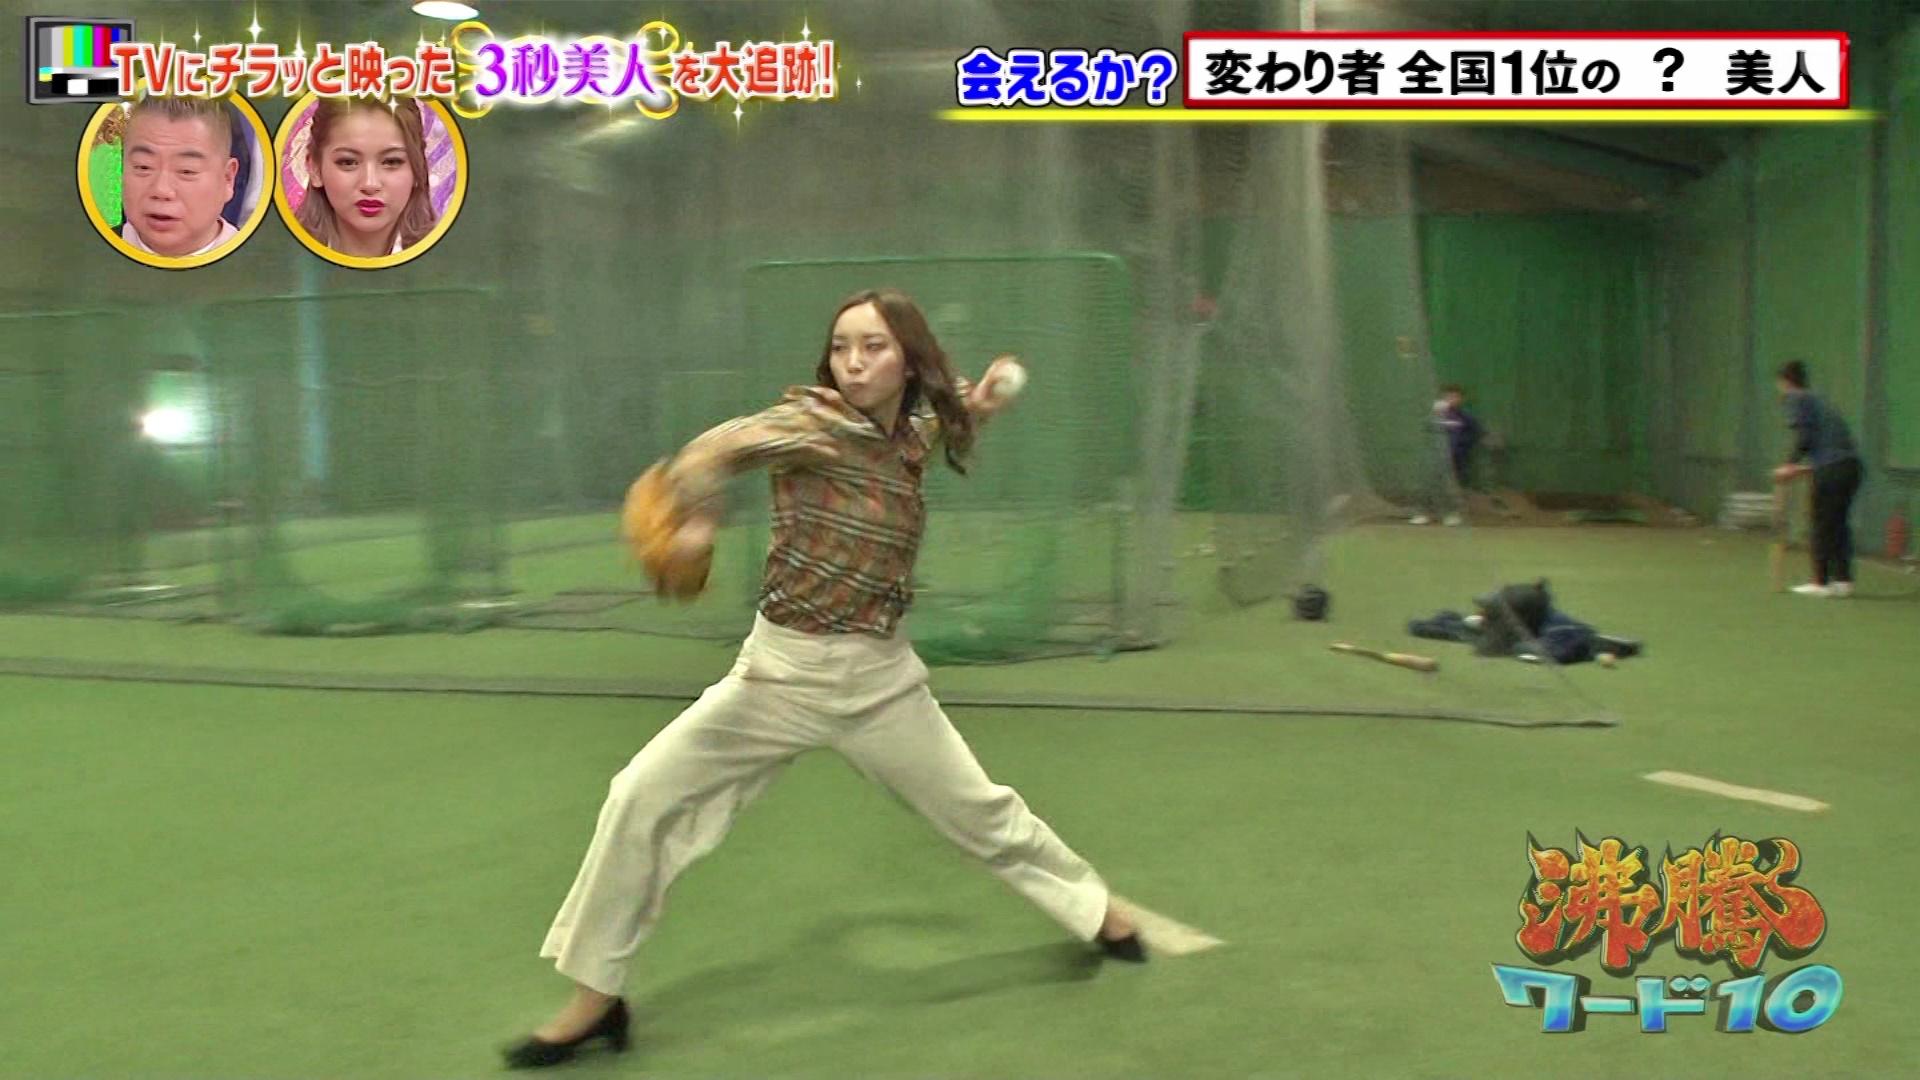 2020年1月24日に放送された「沸騰ワード10」に出演した笹川萌さんのテレビキャプチャー画像-064